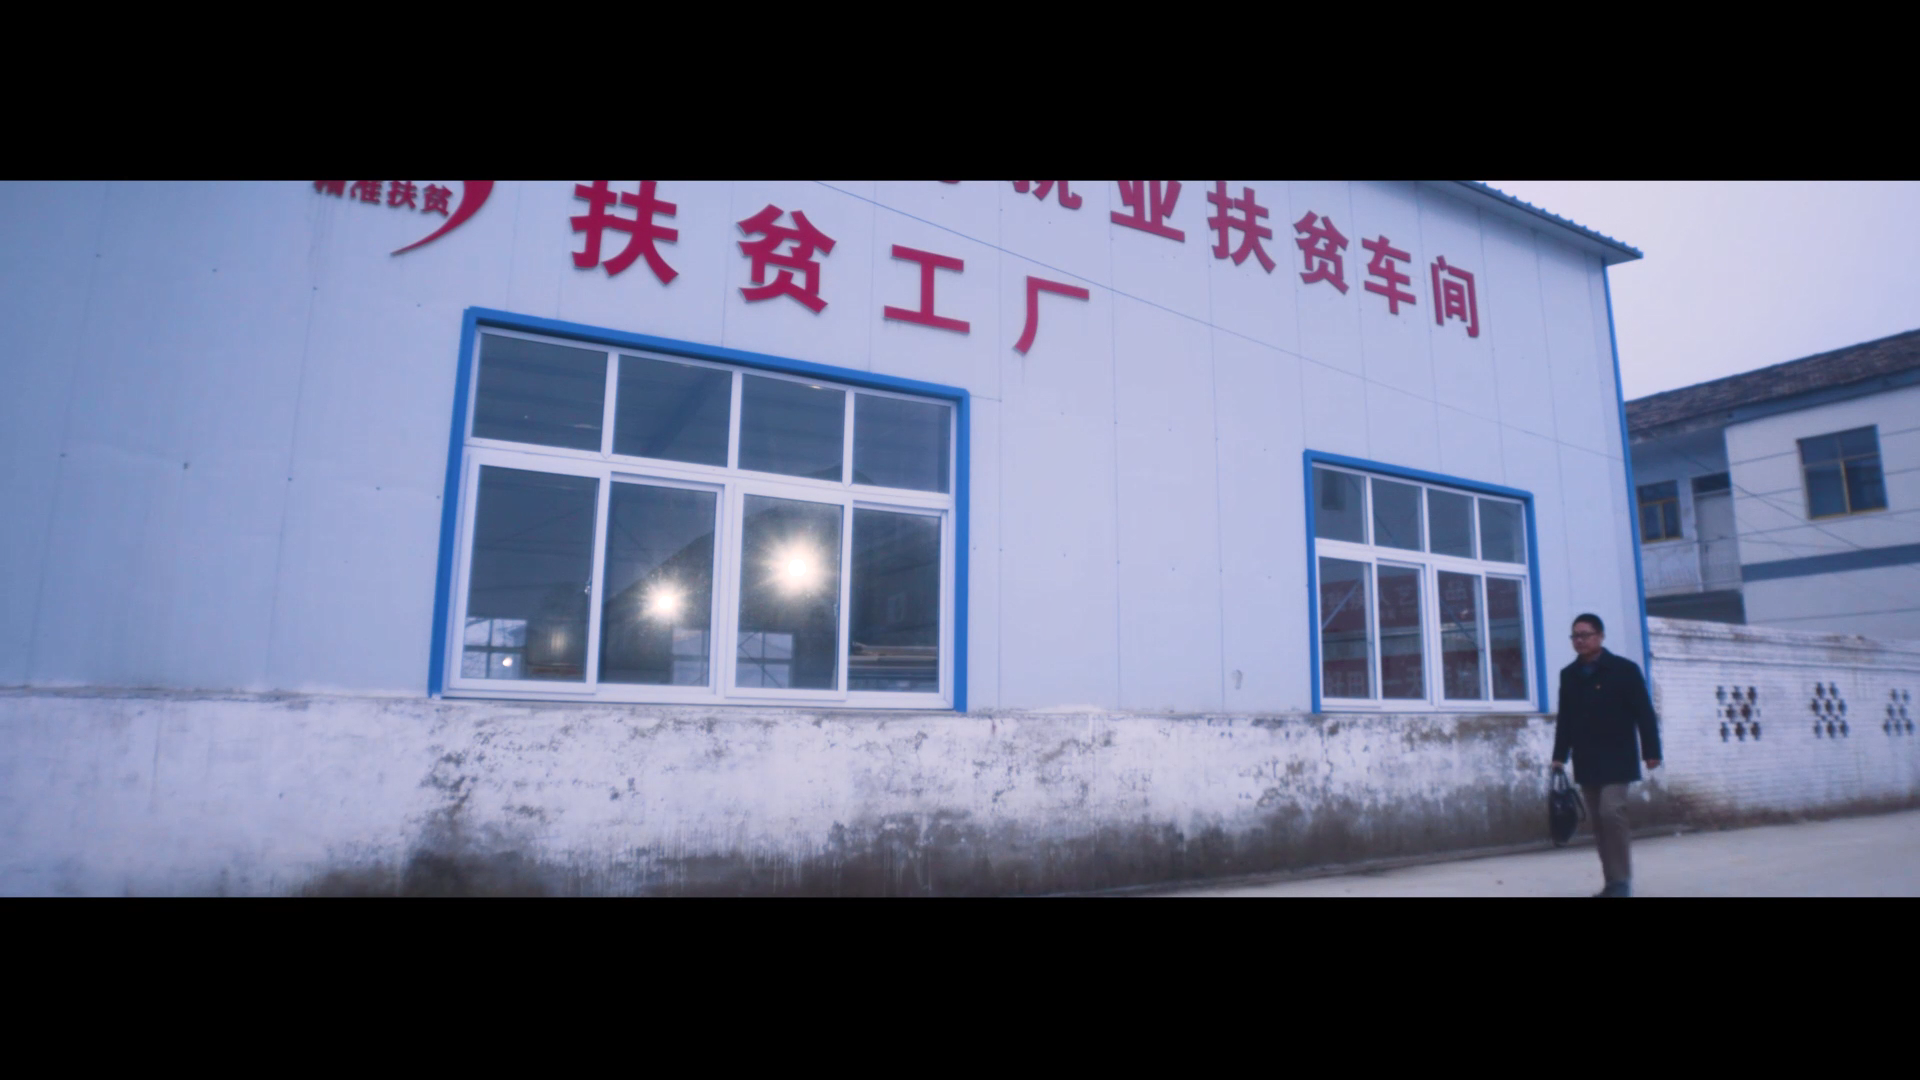 王夫北【赴北记-高清-无字幕】[00_03_46][20201019-100440].png